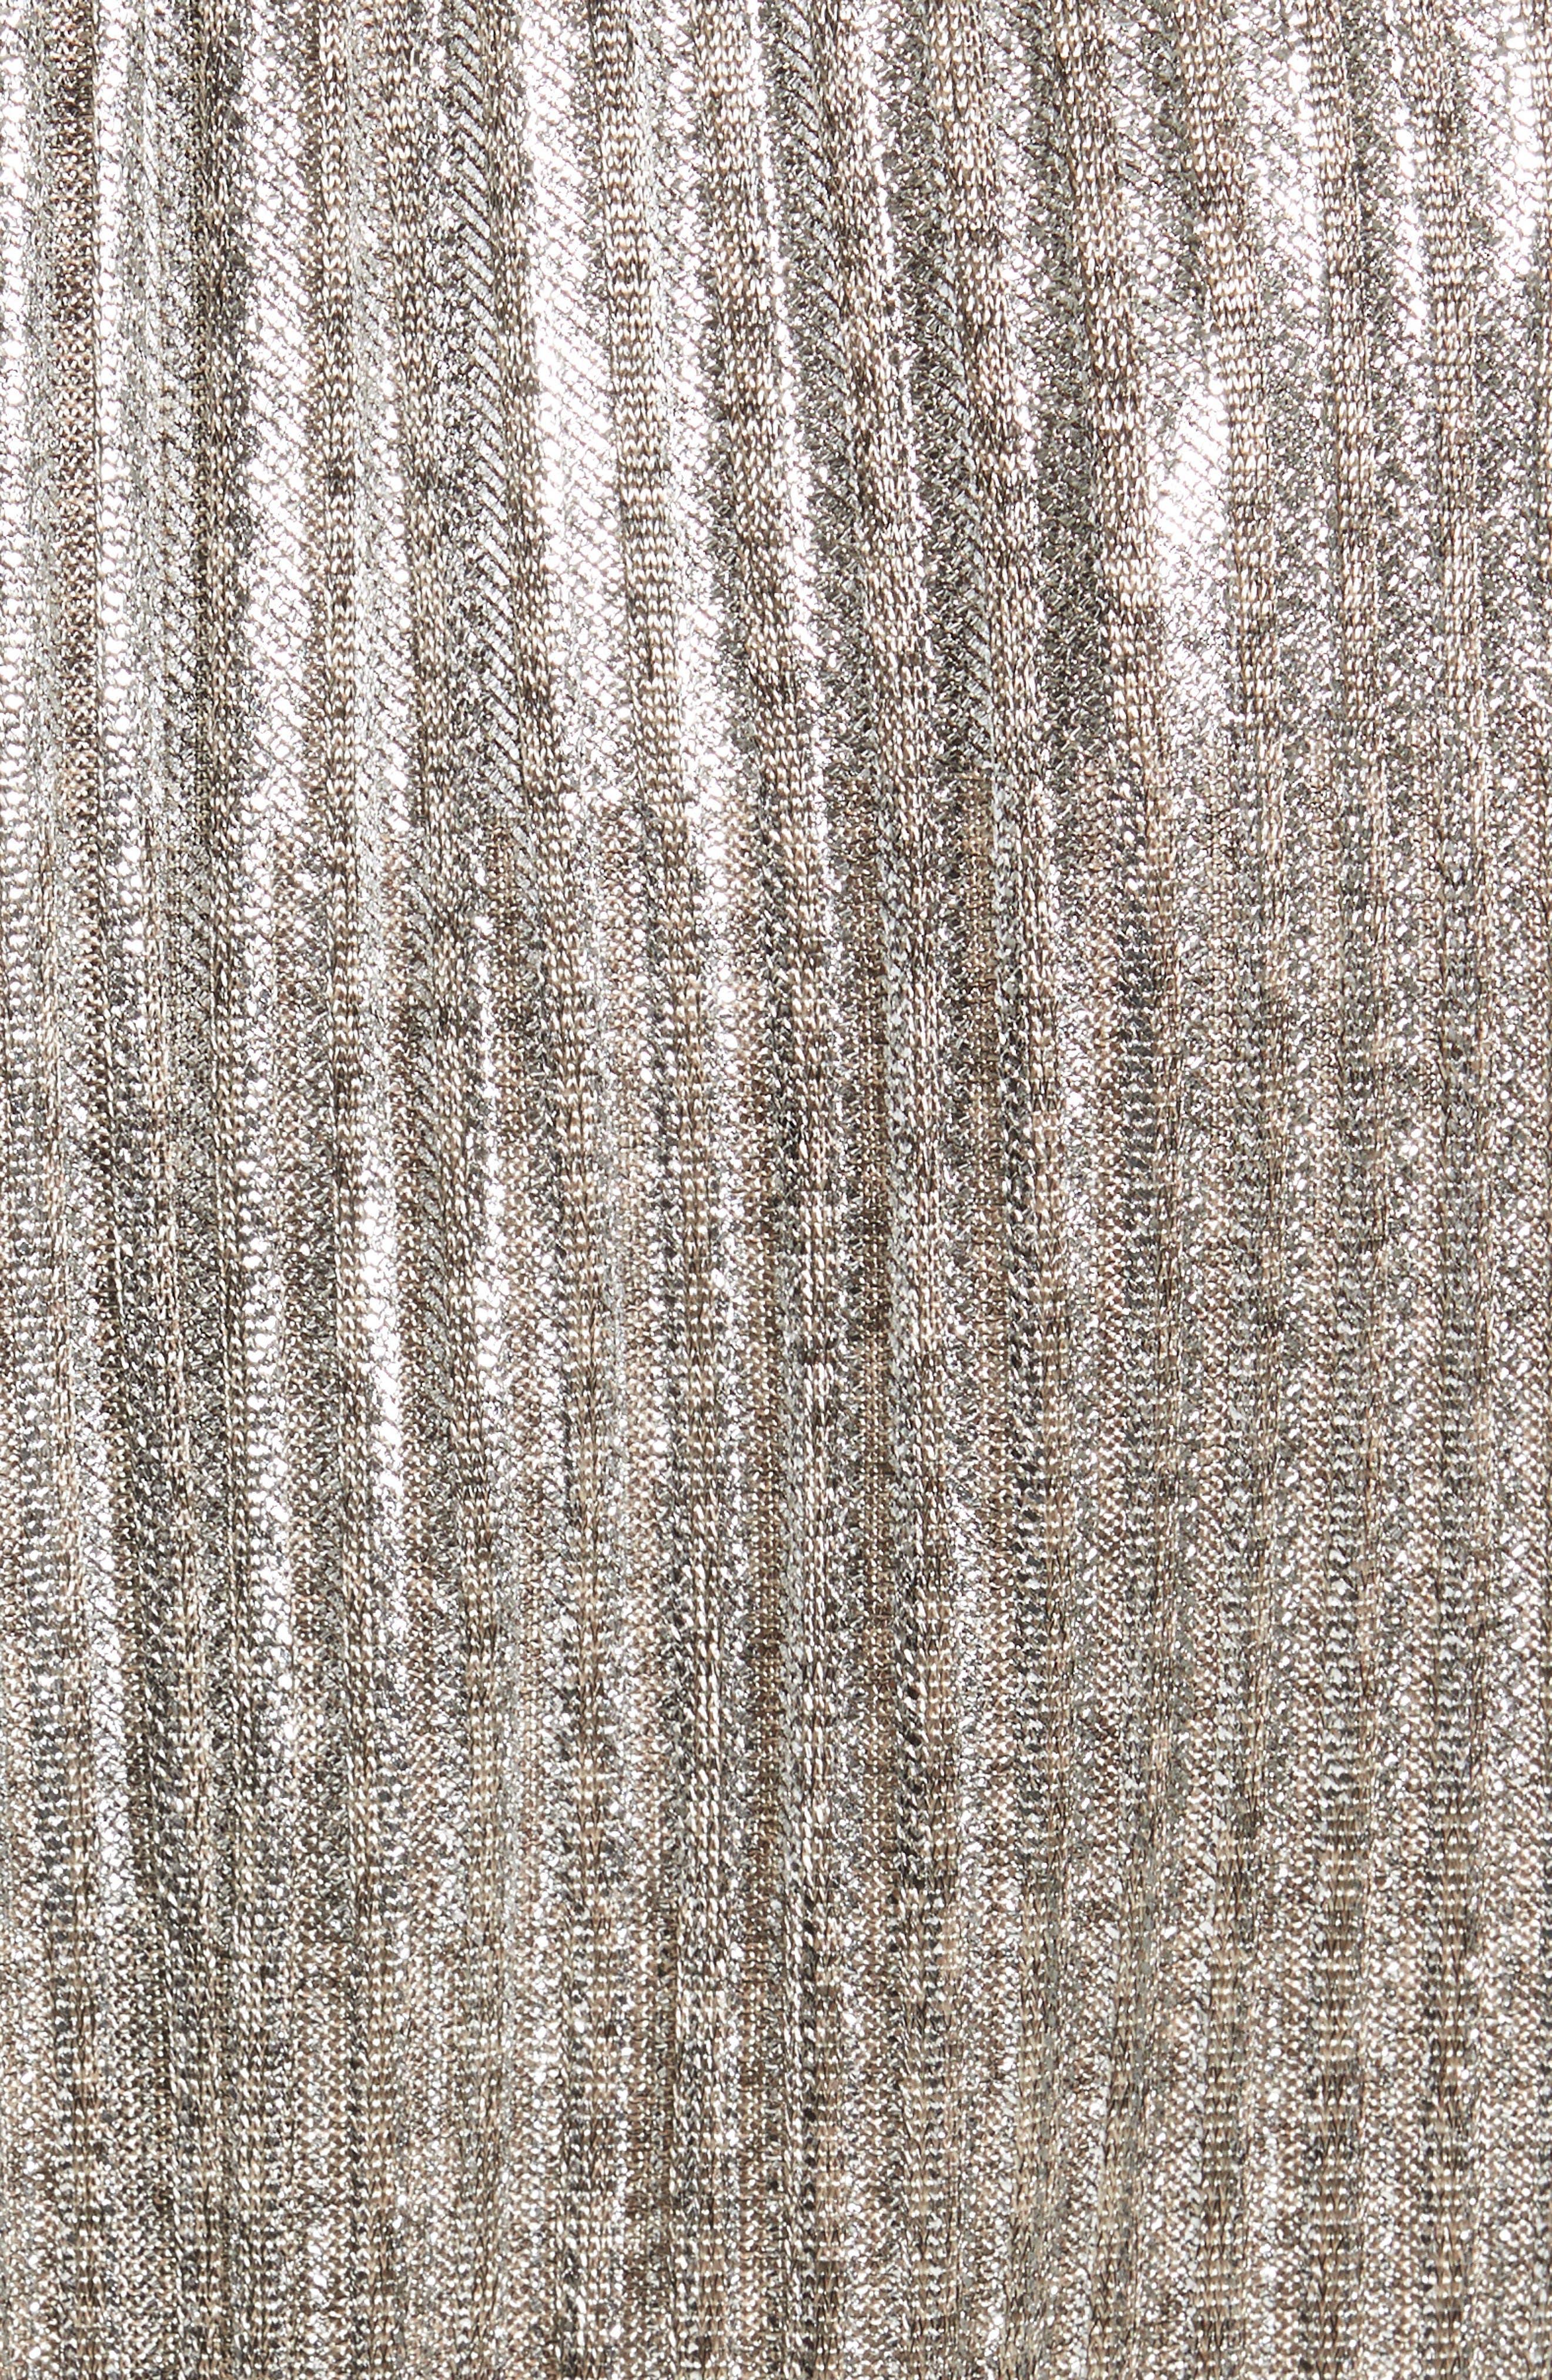 Katina Metallic Wrap Dress,                             Alternate thumbnail 5, color,                             Gold